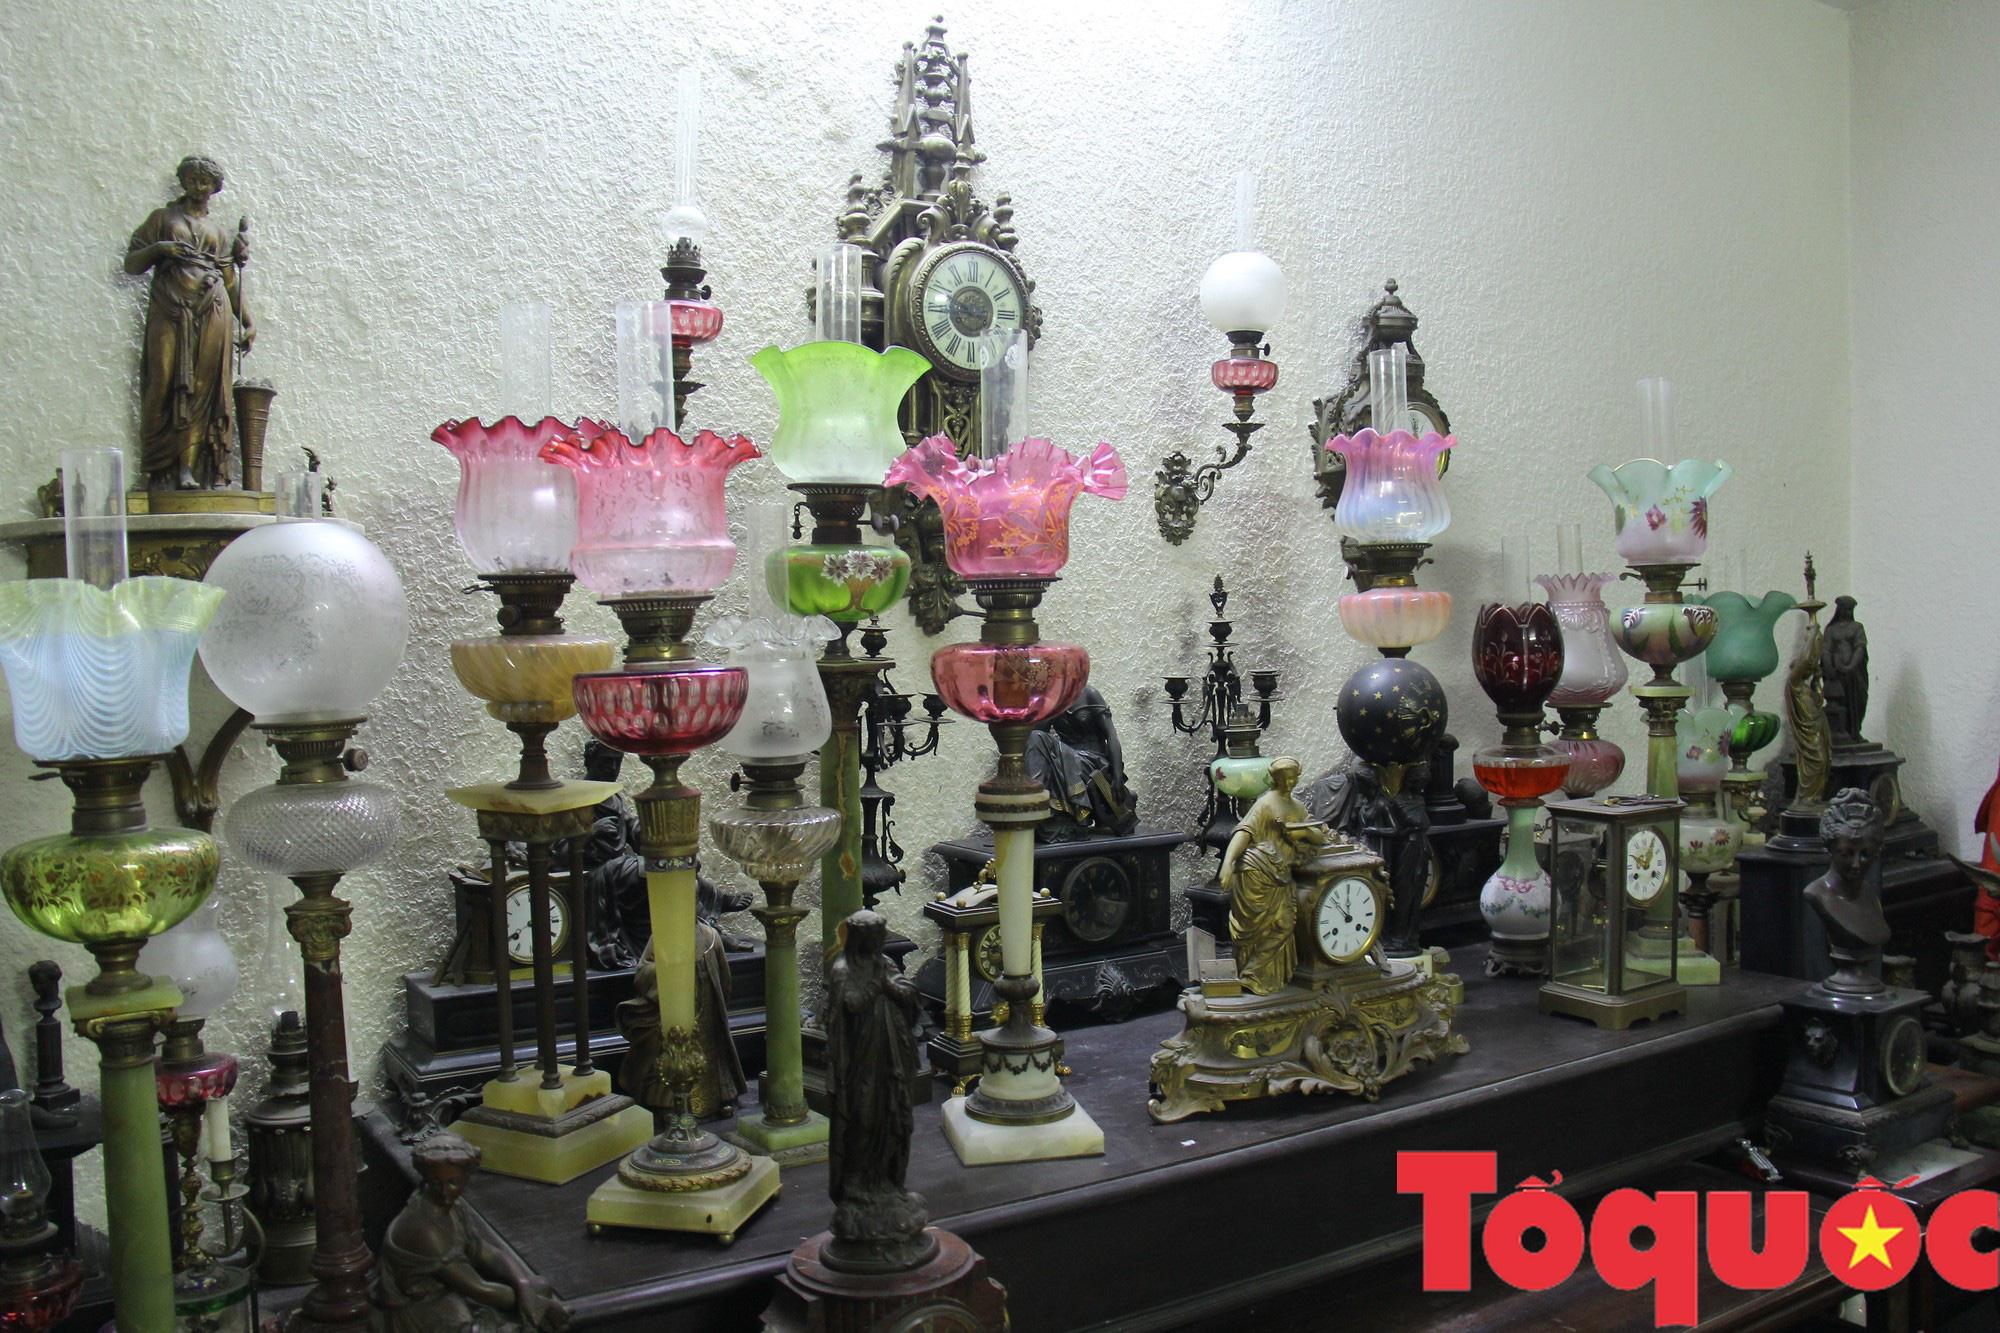 Đèn dầu: Từ vật dụng thiết yếu trong quá khứ đến thú sưu tầm, gìn giữ văn hóa của người Việt - Ảnh 1.